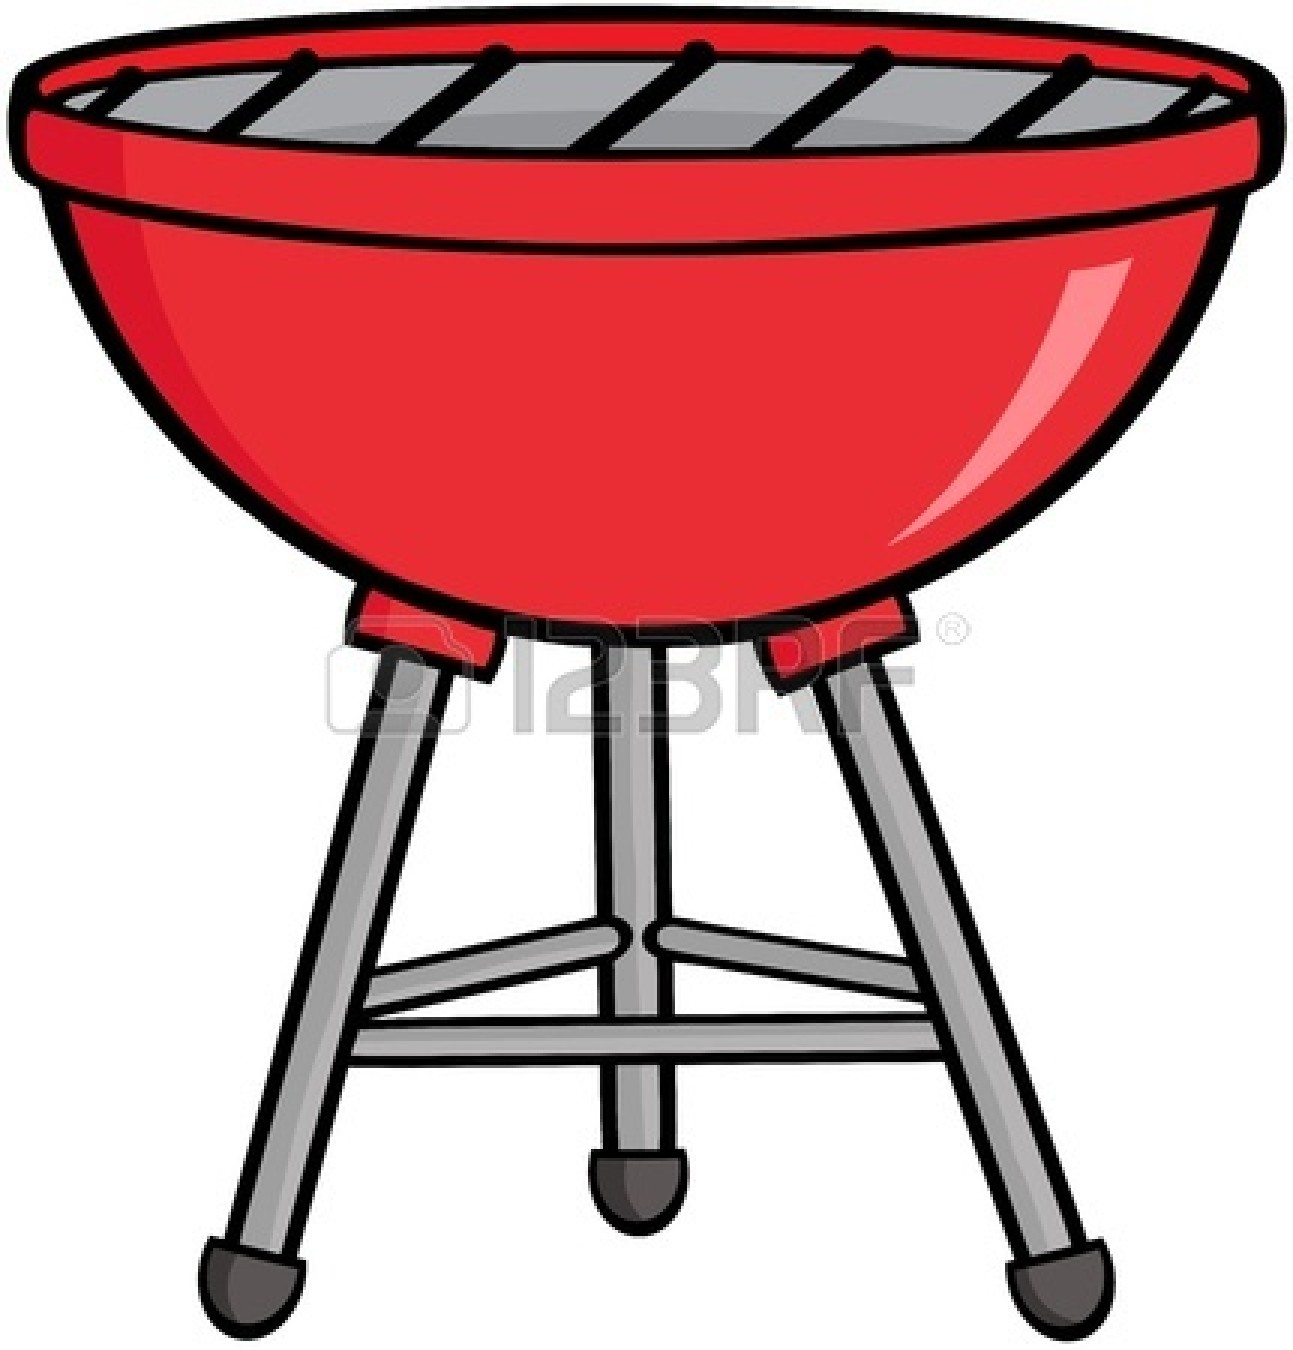 Bbq grill clipart 2